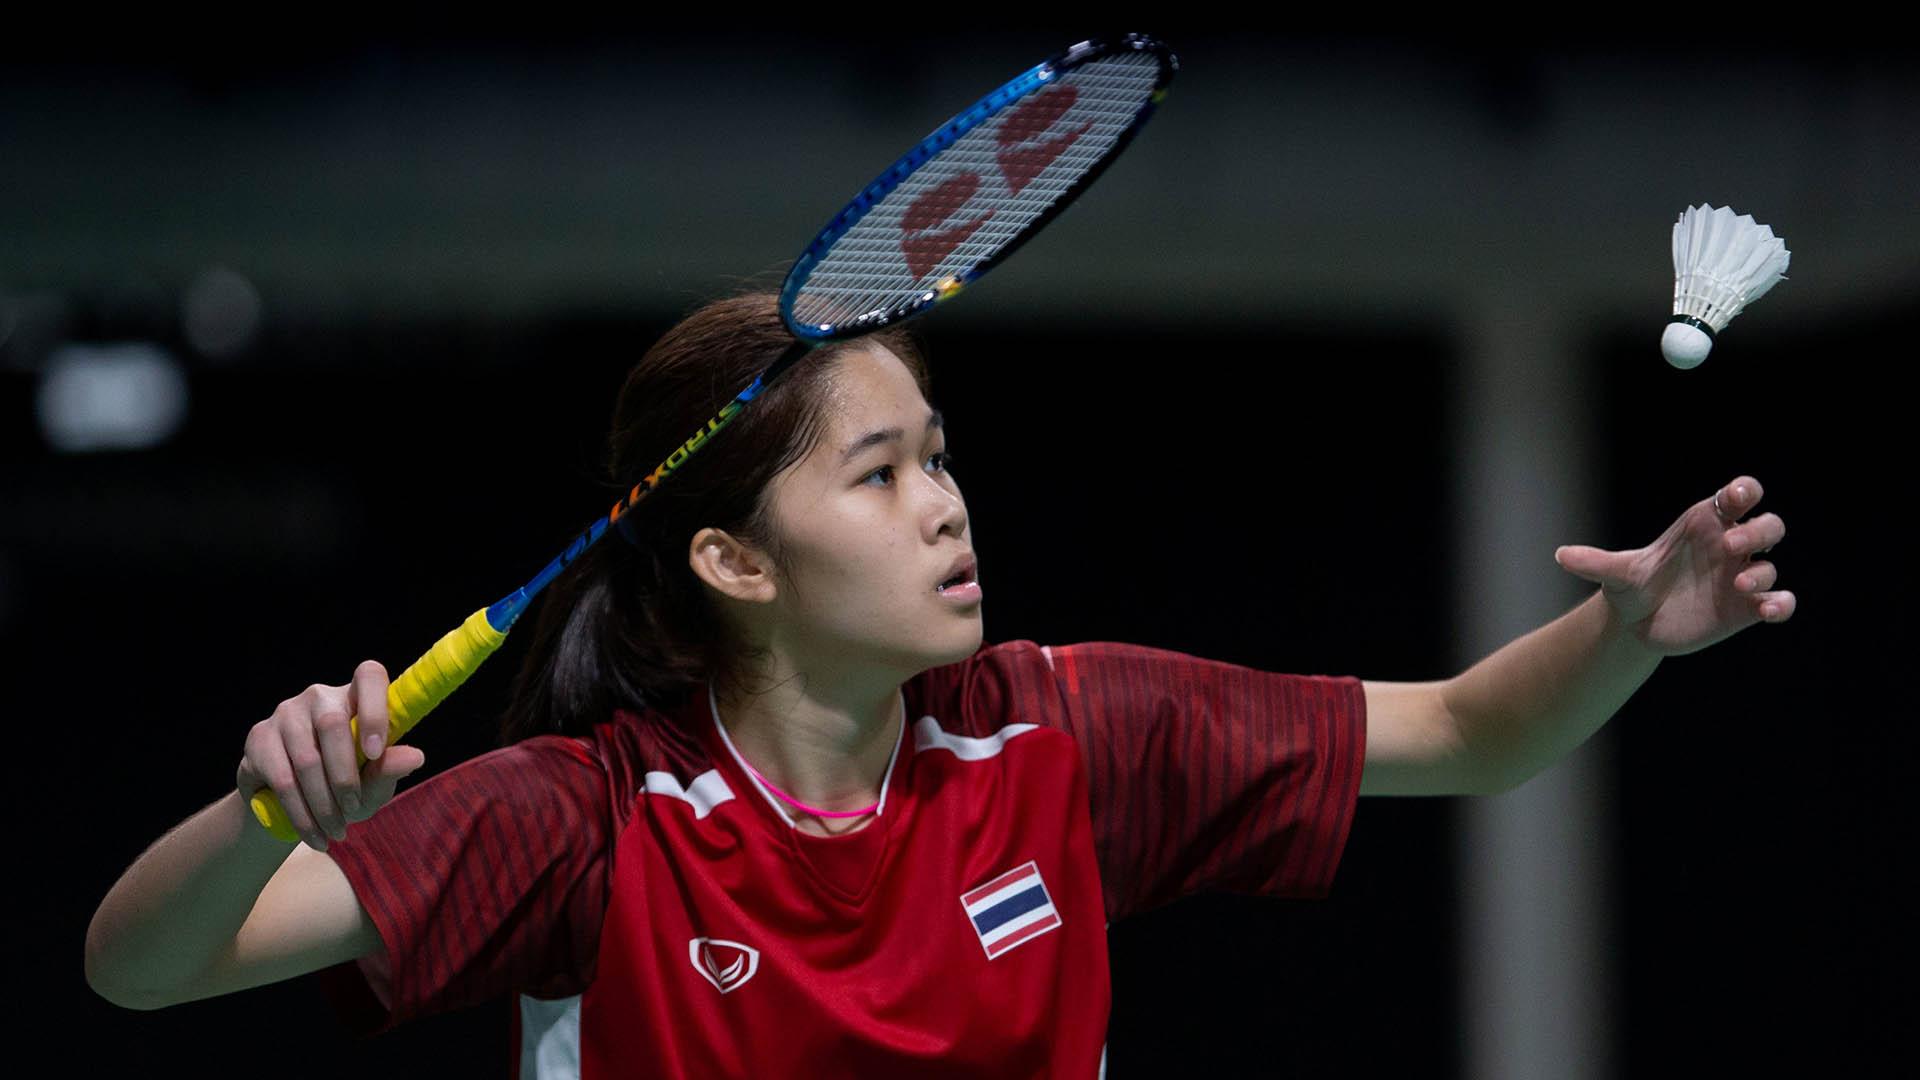 La tailandesa Phittayaporn Chaiwan logró la medalla de bronce en badmintón (Foto: REUTERS)